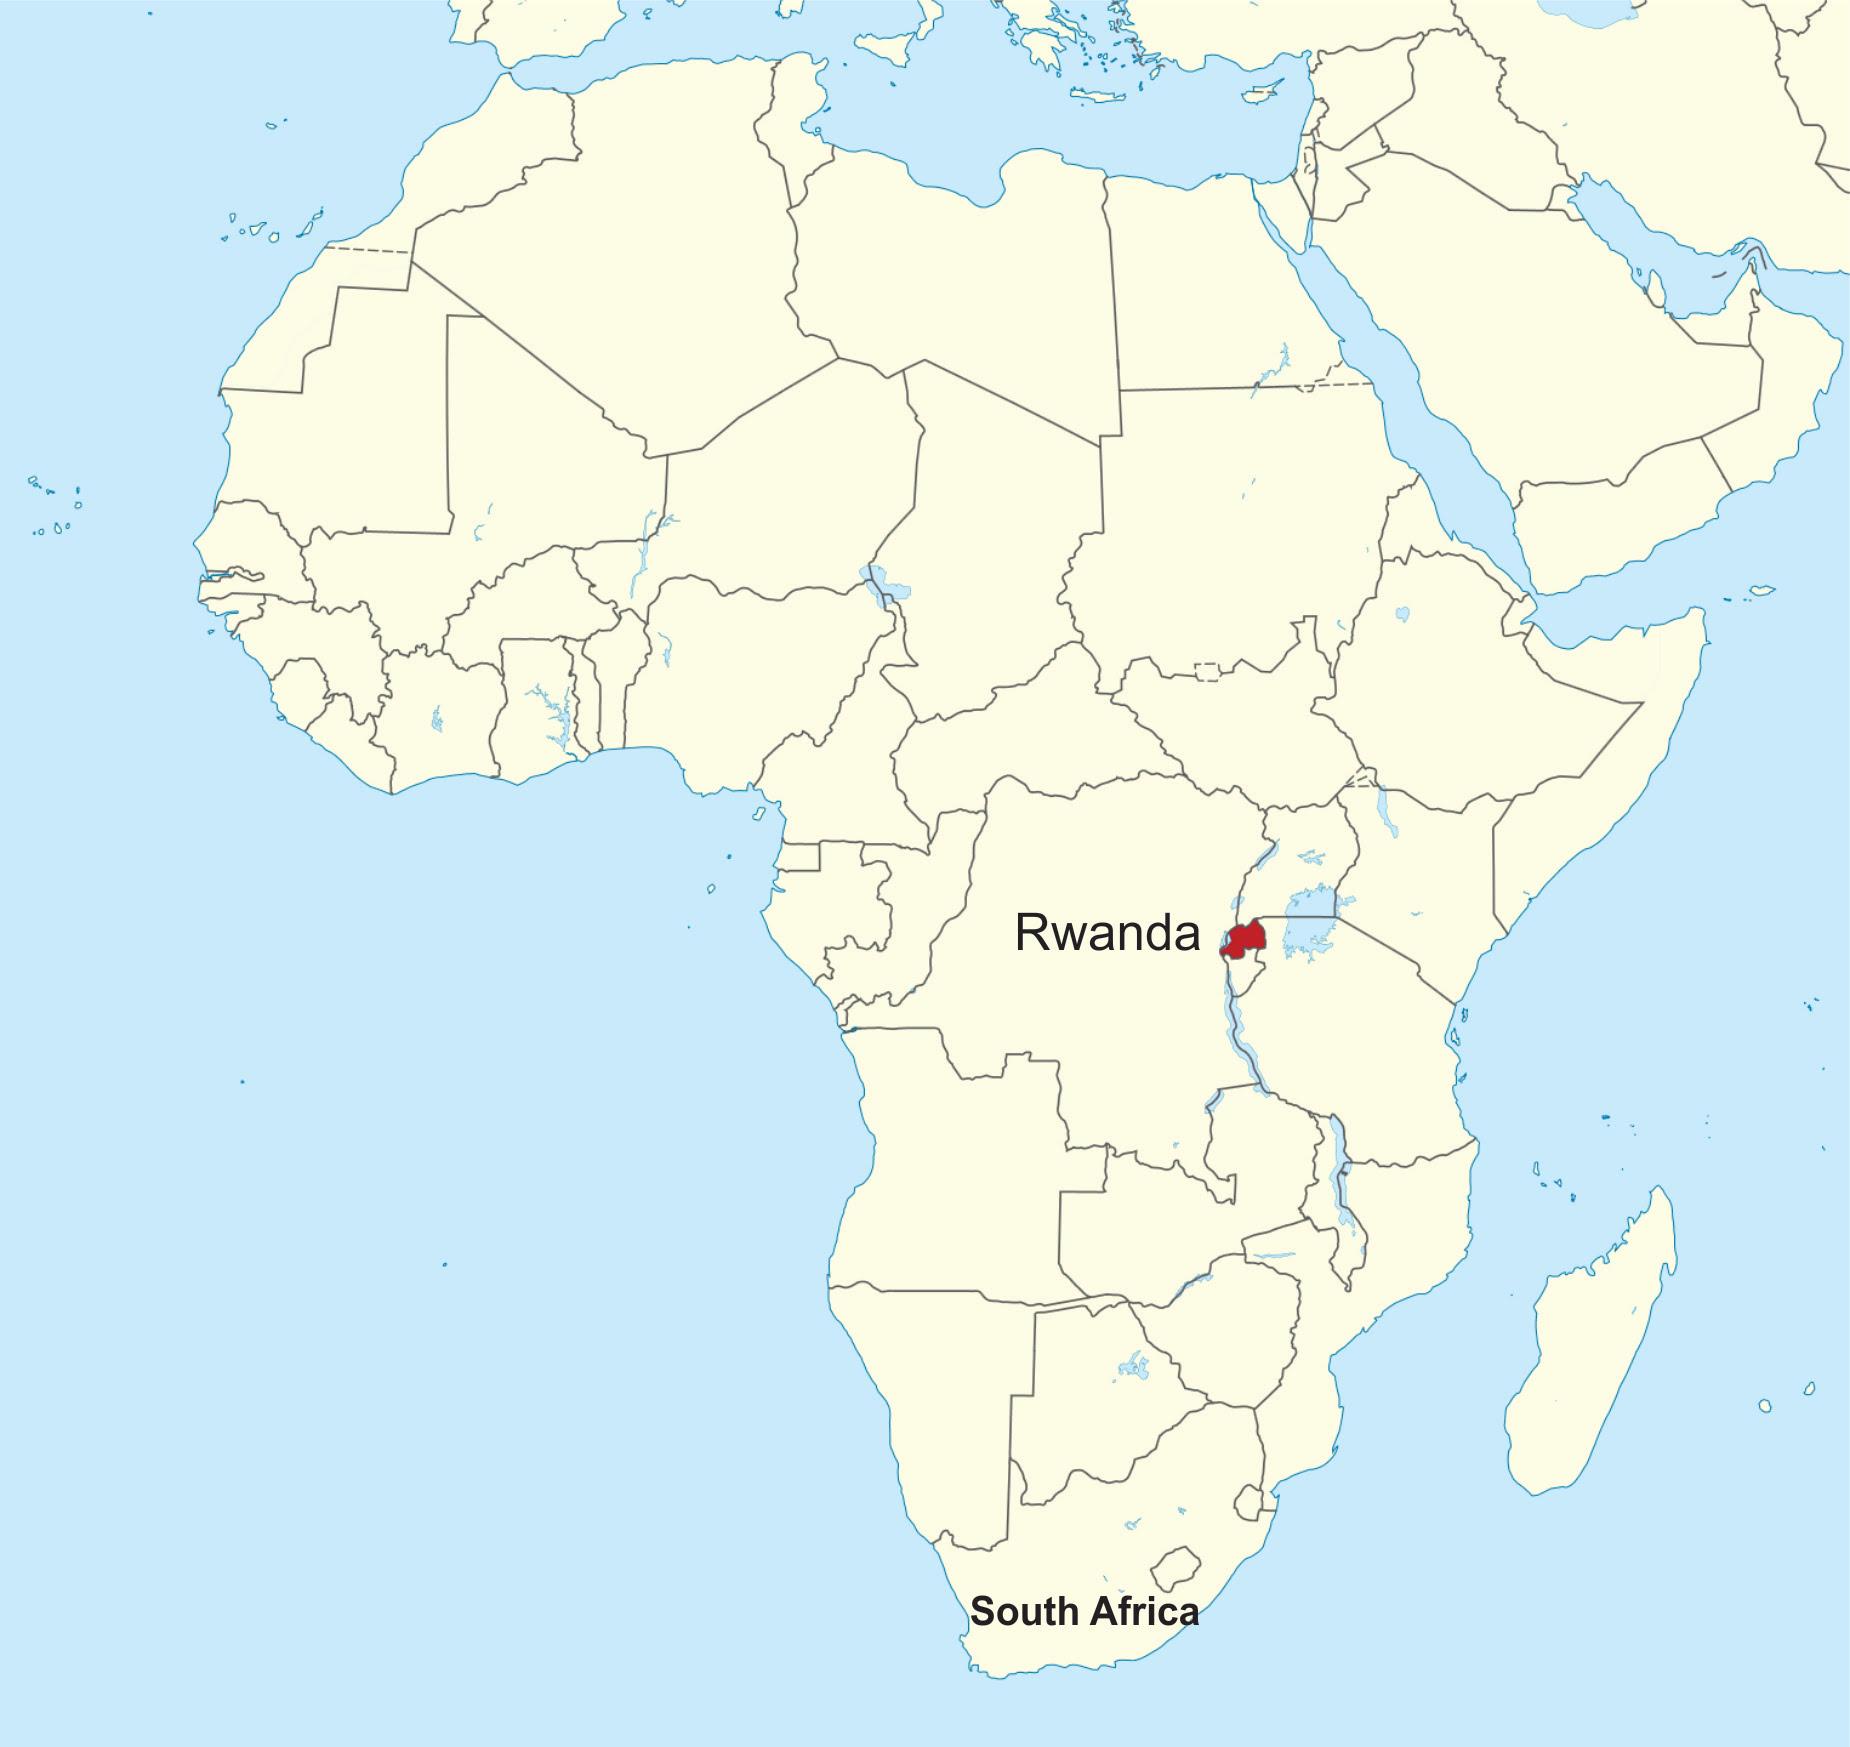 Rwanda_in_Africa